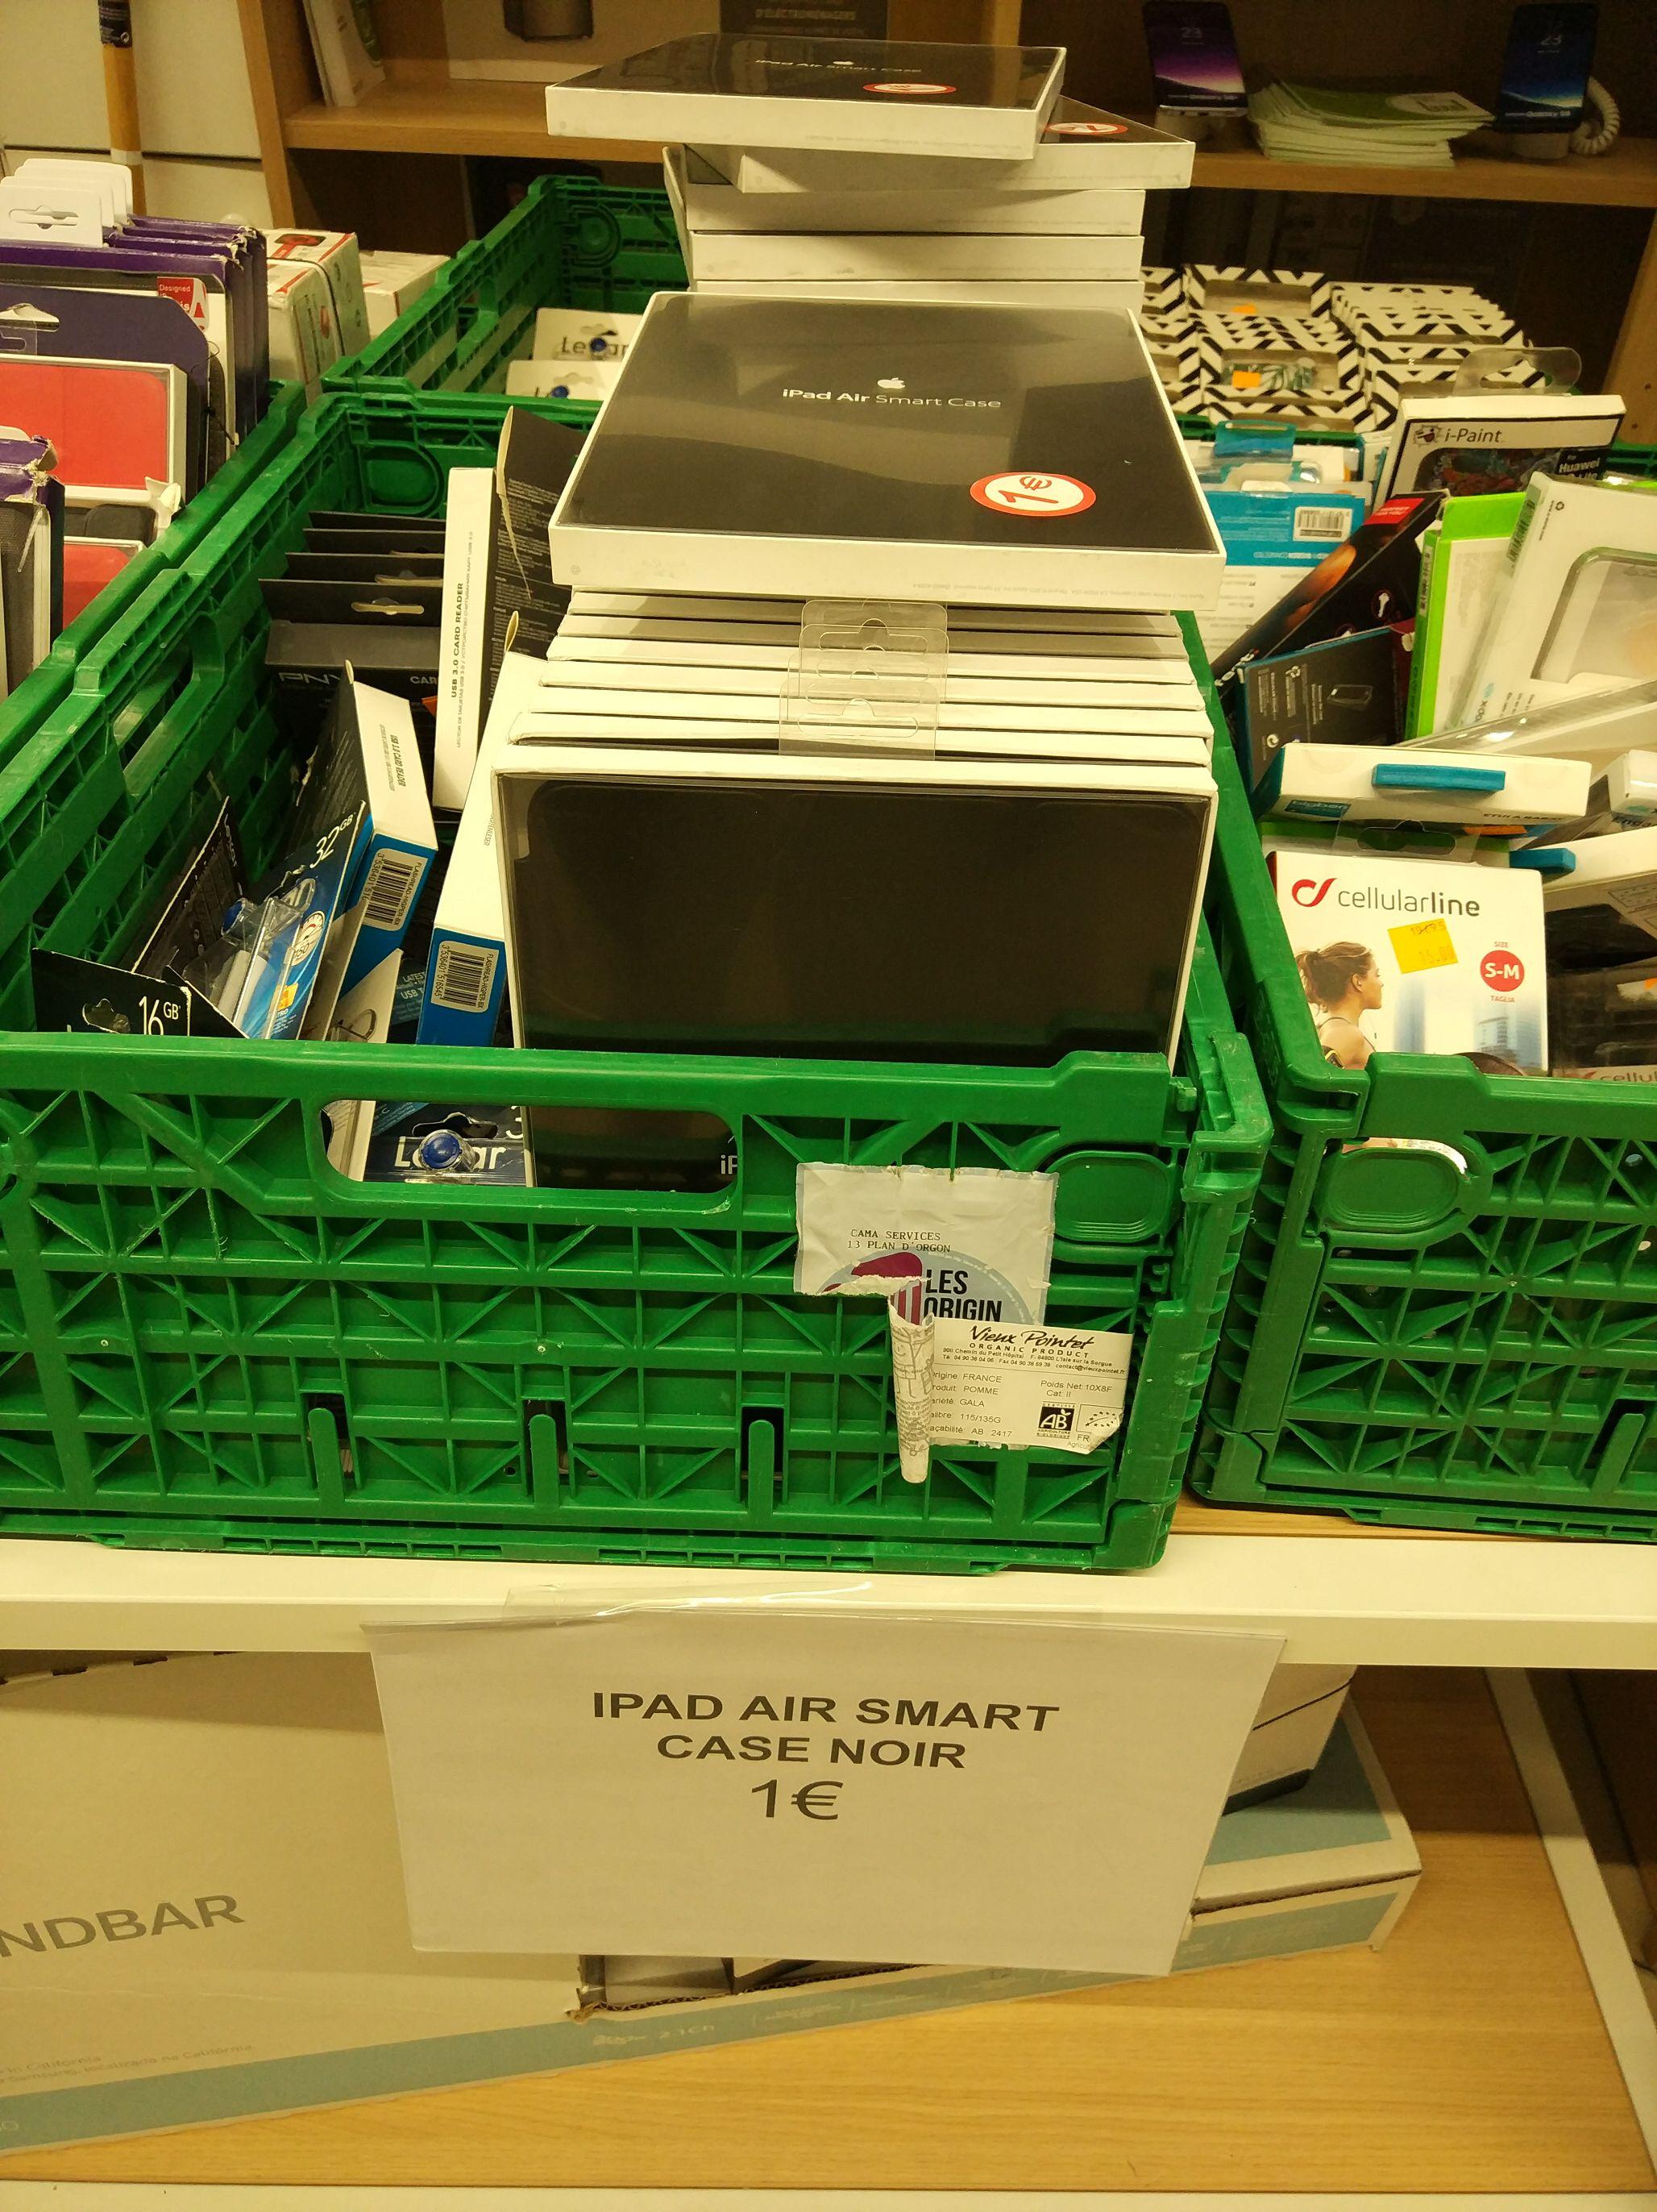 Smart case pour iPad Air en magasin - Millénaire Aubervilliers (93)